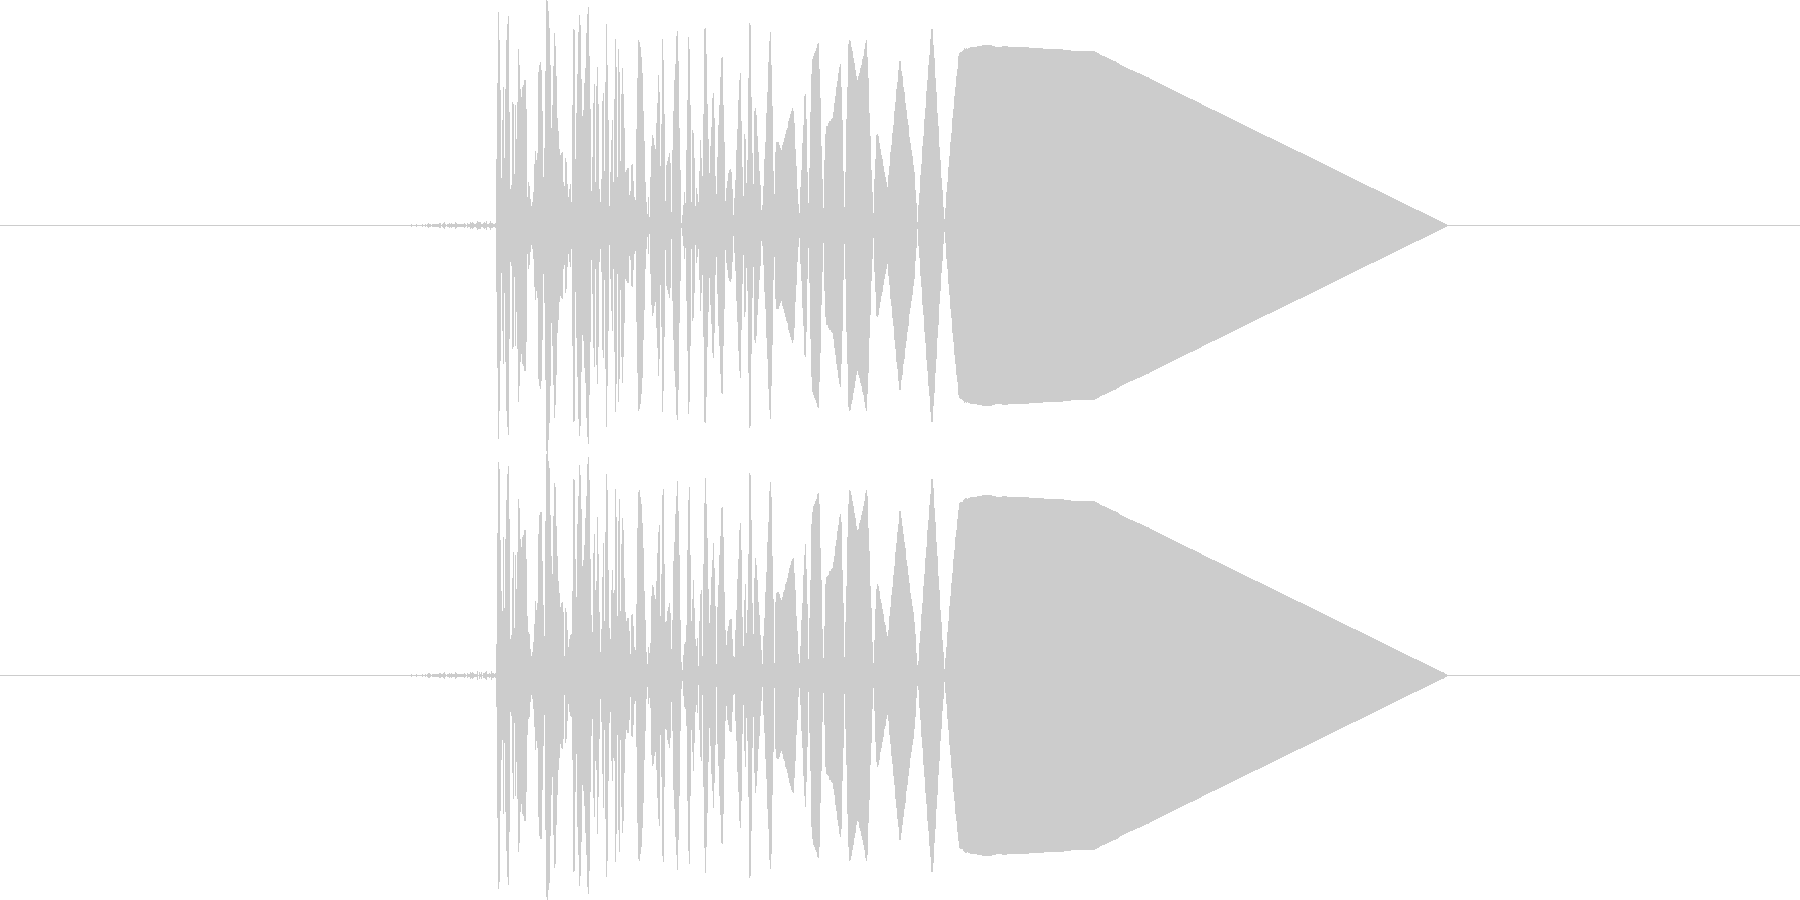 ファミコン系歩く音02 コツコツ(単音)の未再生の波形